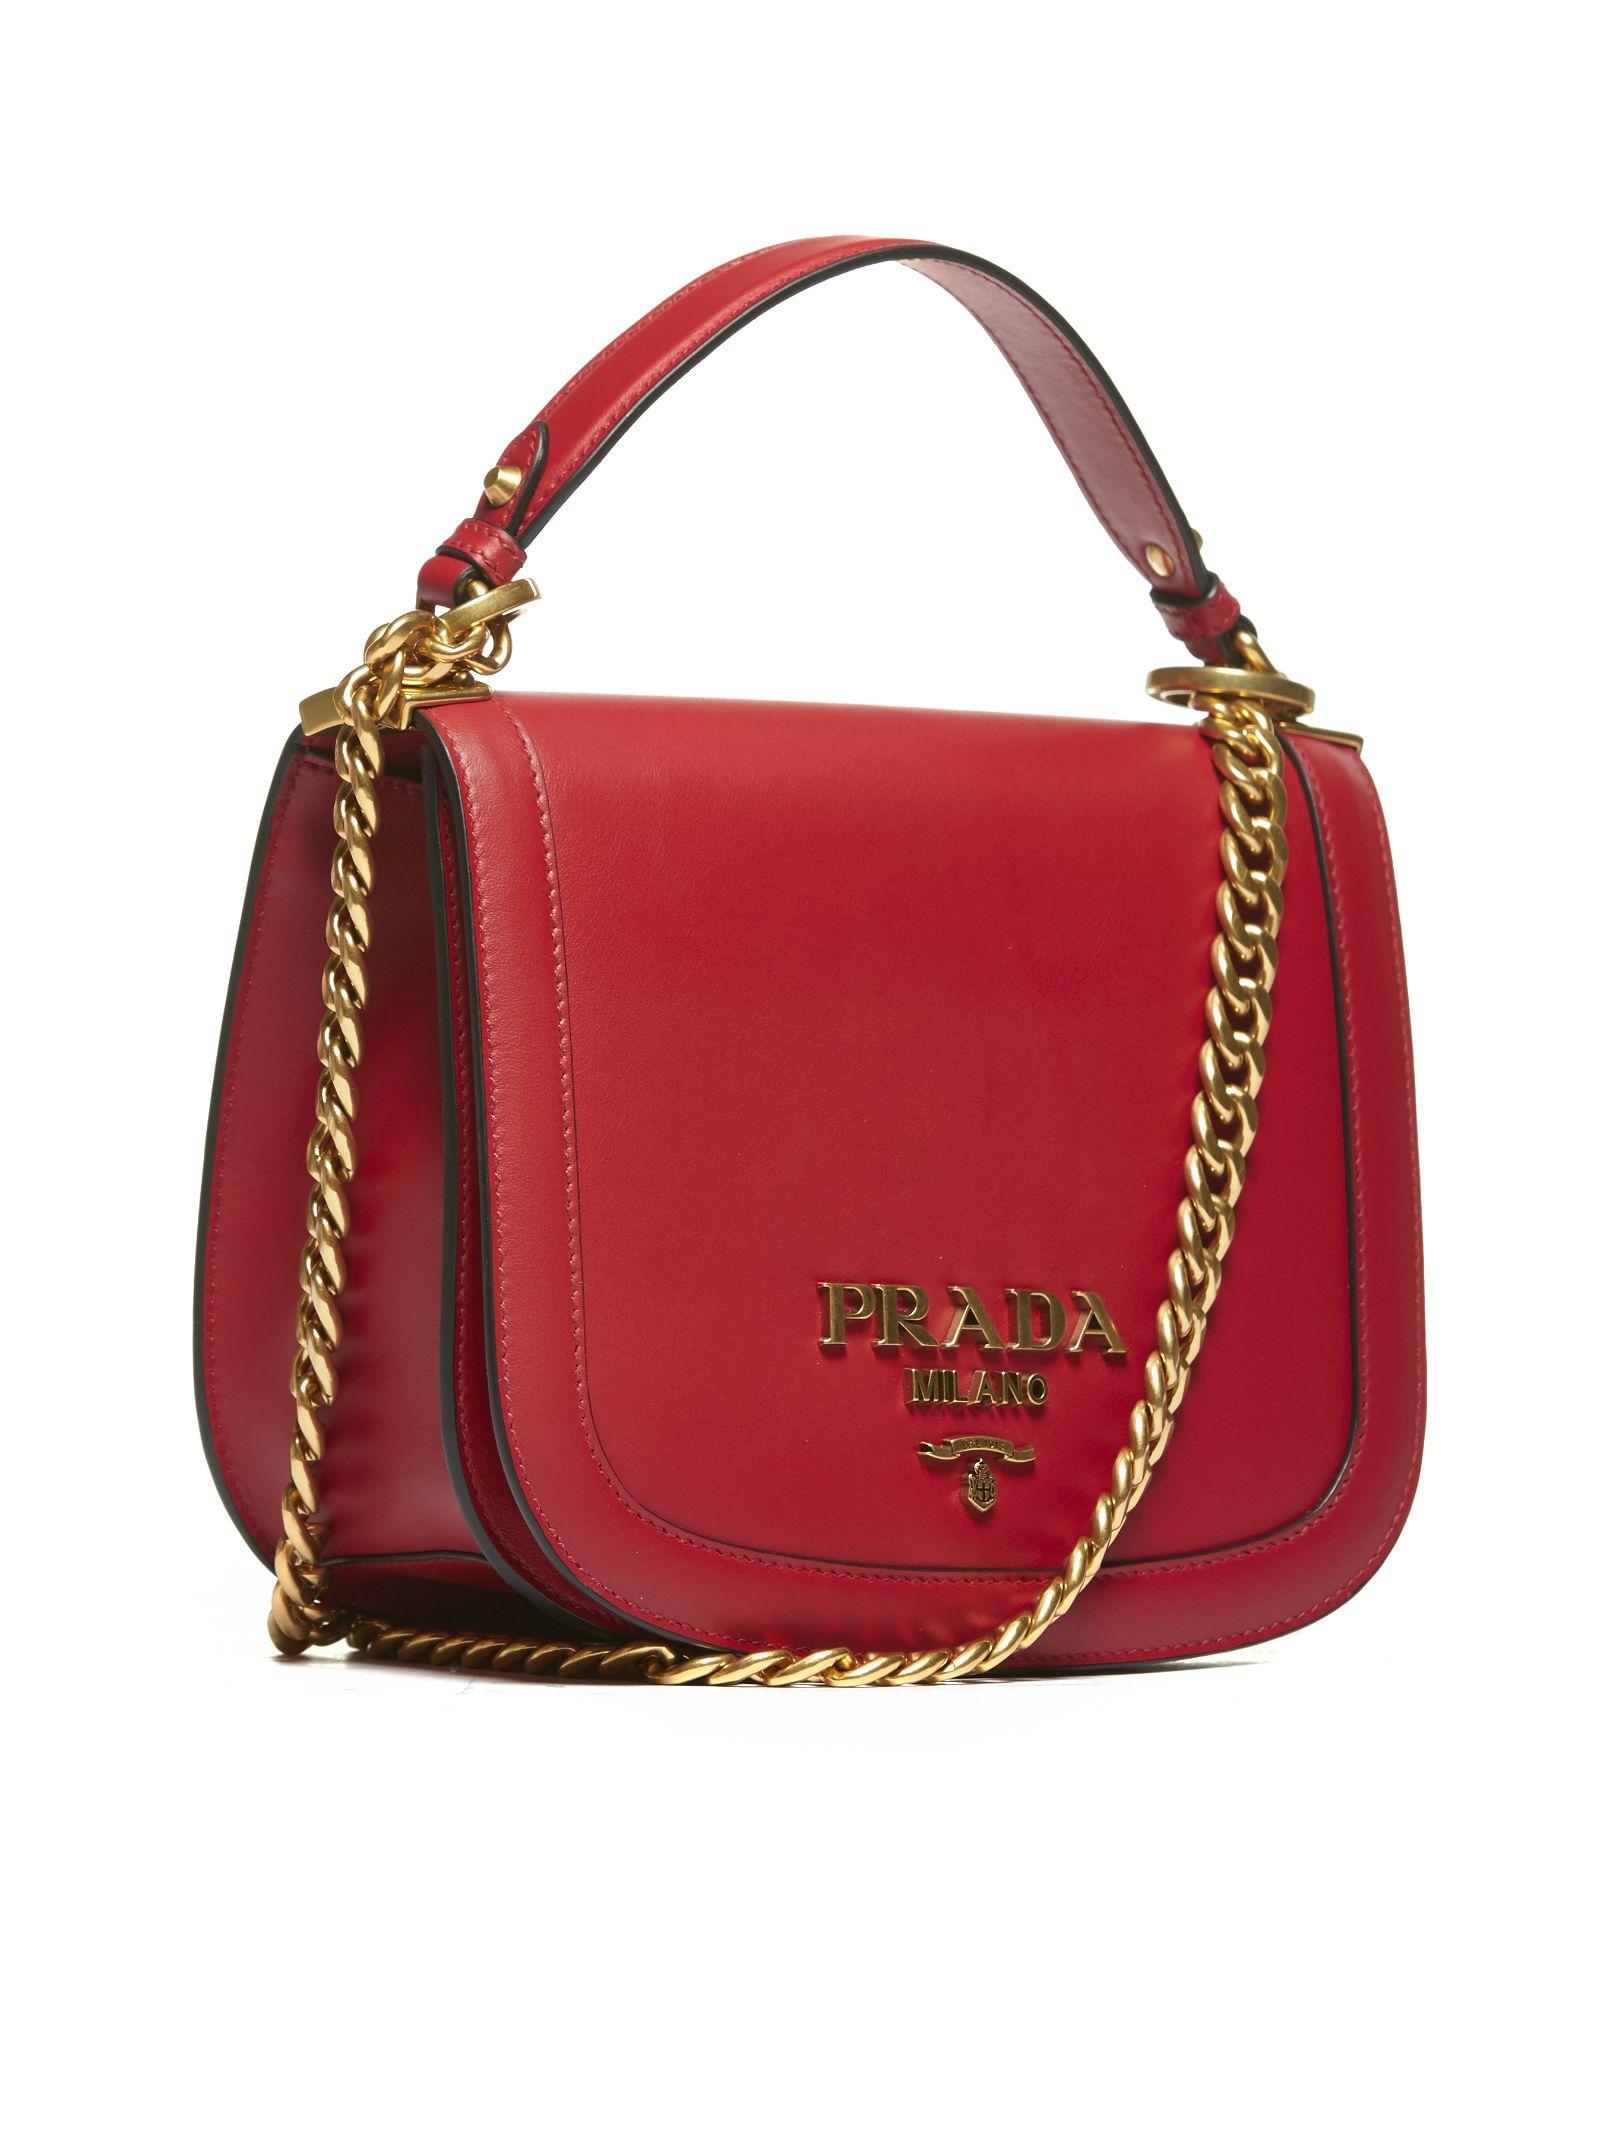 426d072d78 Prada Prada Logo Plaque Shoulder Bag - Rosso - 10642671 .